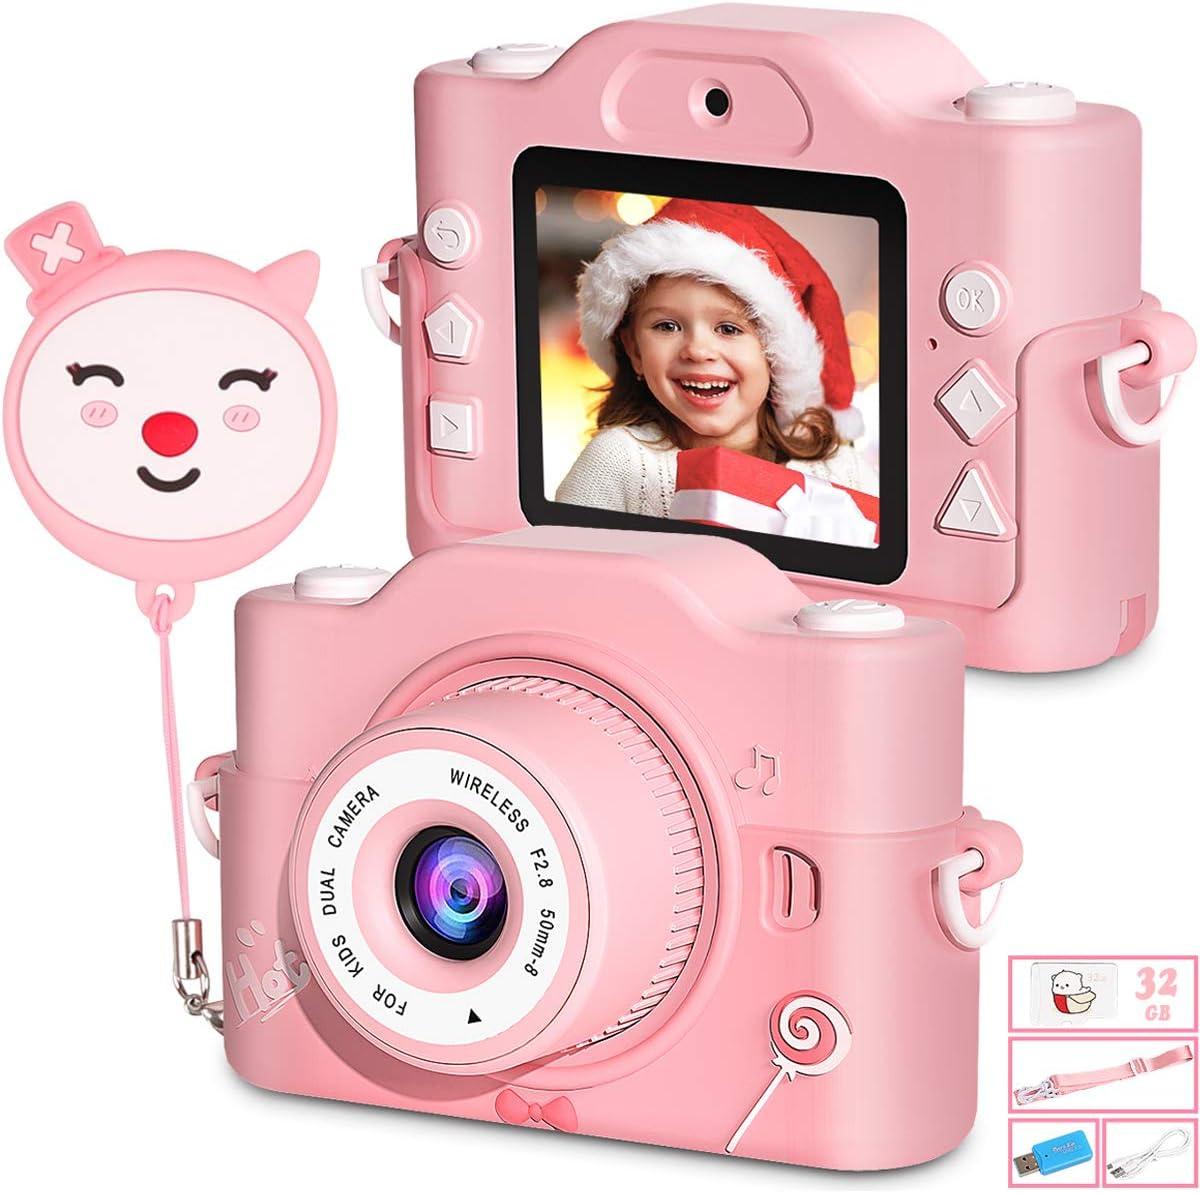 Camara Fotos Infantil, [Zoom Digital 8X/HD 20MP/1080P Pixels], Lente Doble y Diseño Anticaída de Carcasa de Silicona Doble, Regalo Ideal para Niñas de 3 a 10 Años, Incluye Tarjeta TF de 32 GB